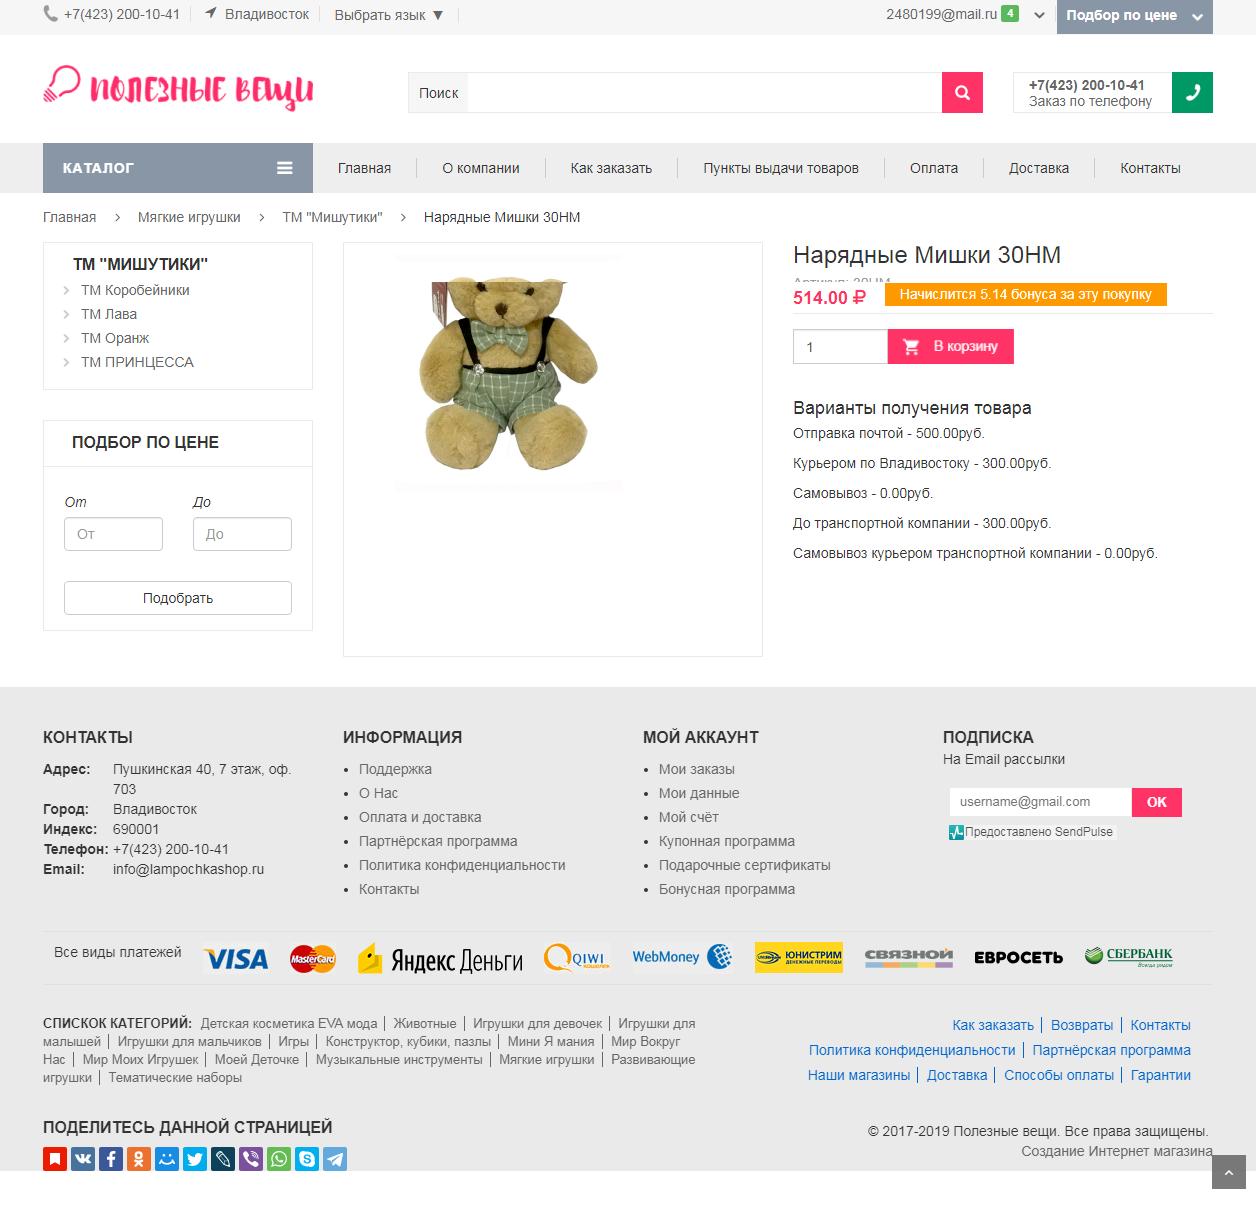 Скриншот страницы товара